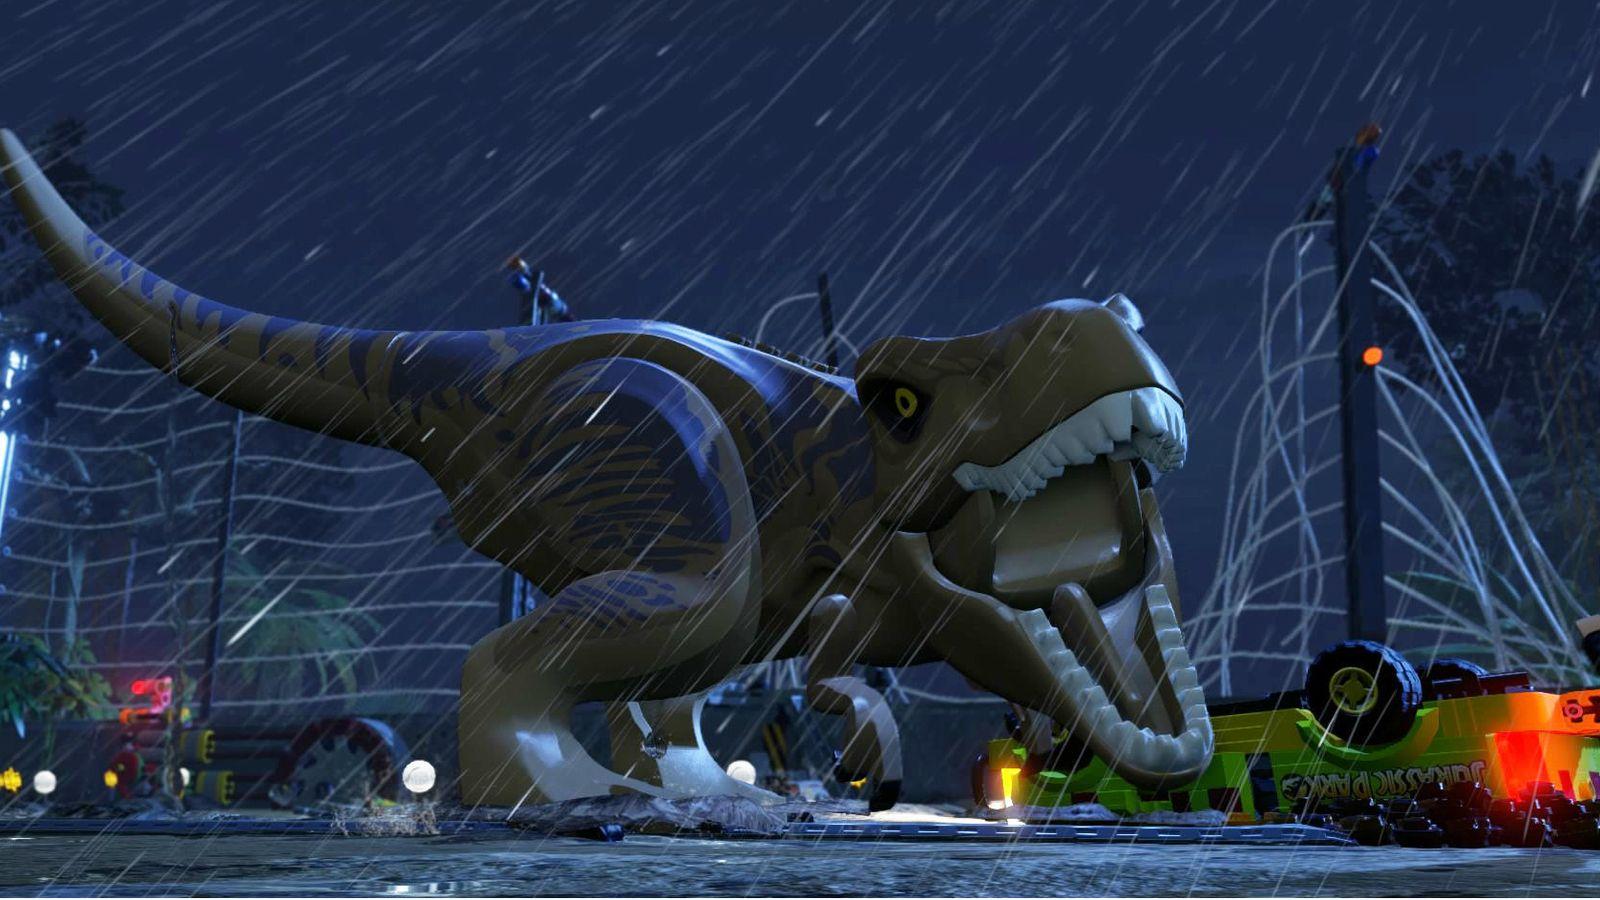 Risas Jurassic Para Por VideojuegosLego El Miedo Las World Cambia xBQWdCoreE